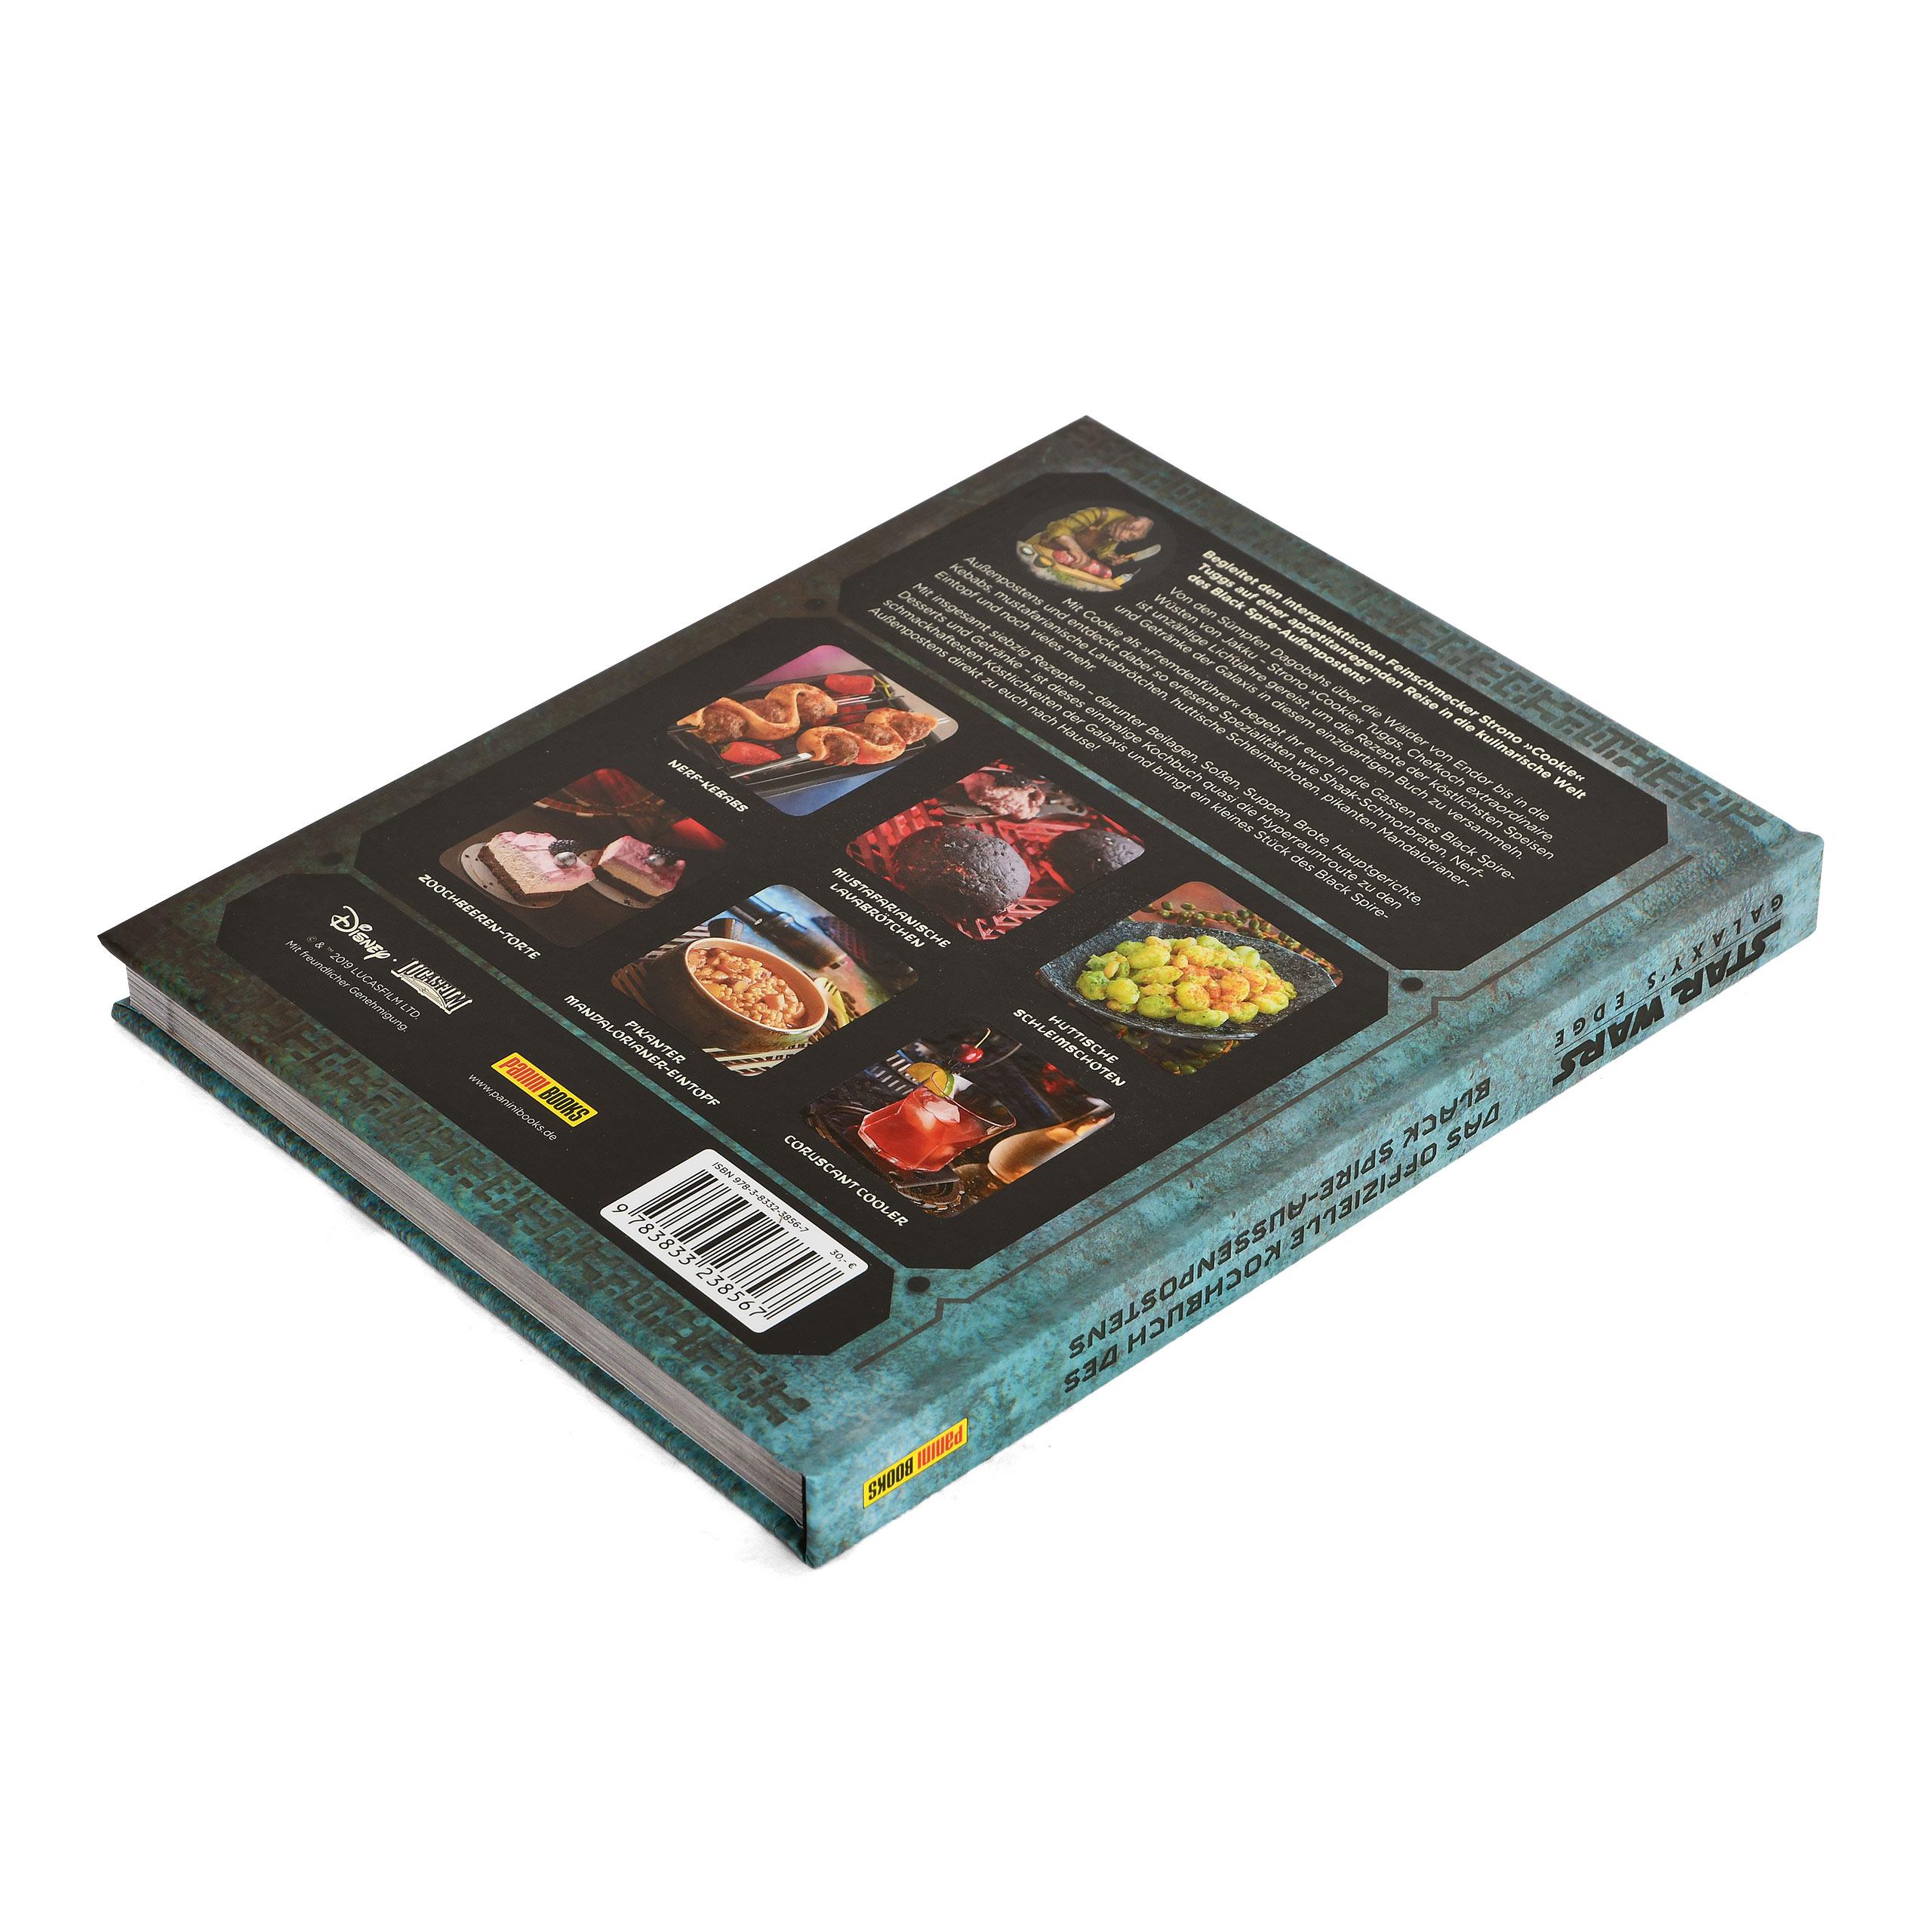 Star Wars - Galaxy's Edge Das offizielle Kochbuch des Black Spire-Außenpostens